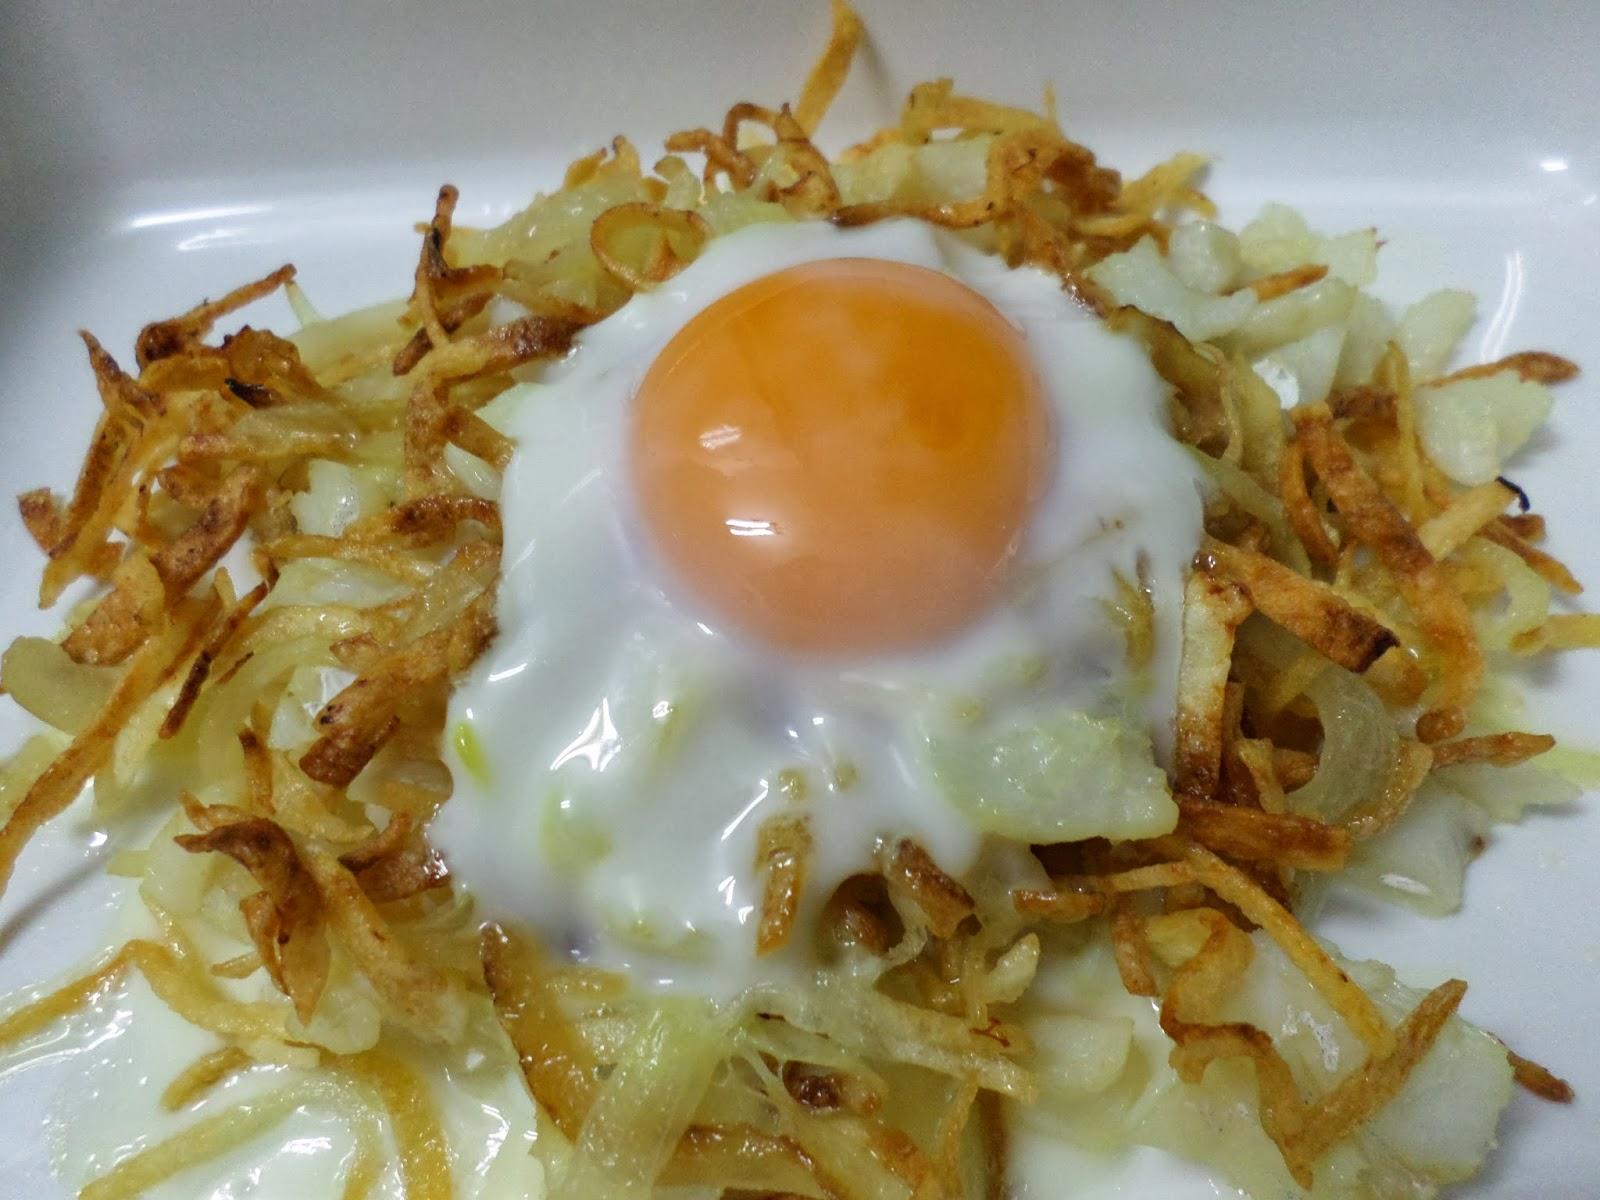 Mi cocina bacalao con patatas paja y huevo for Cocina bacalao con patatas